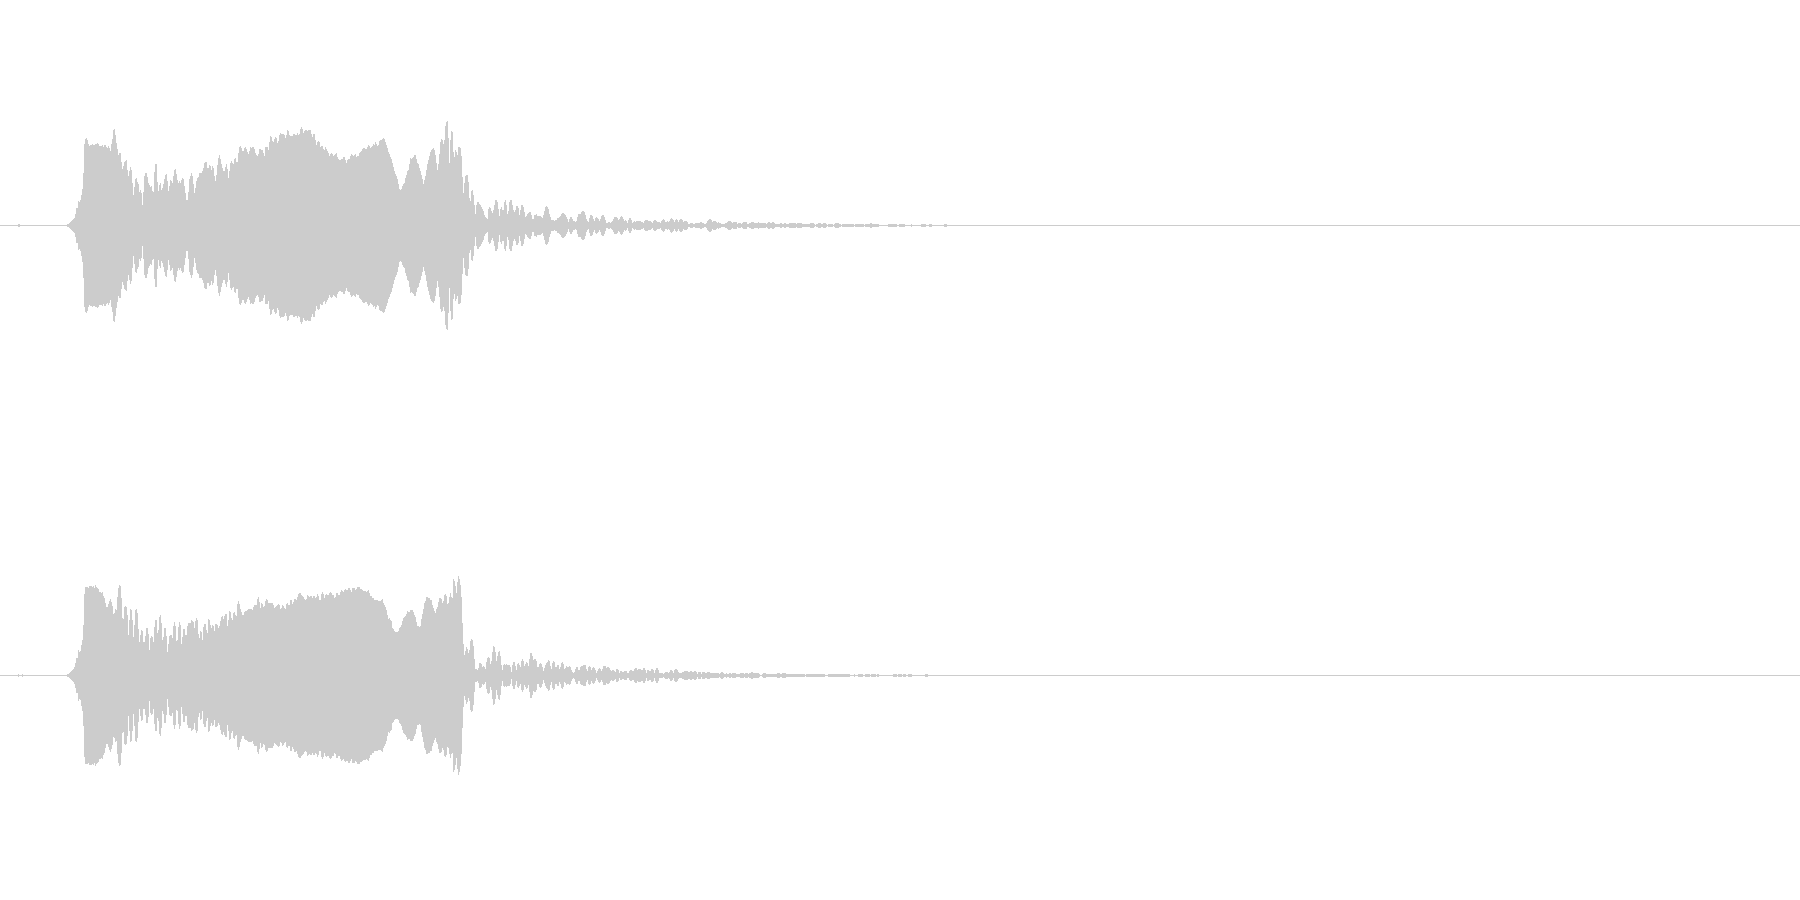 篠笛。和風な音でよくある「ピュイーイッ」の未再生の波形